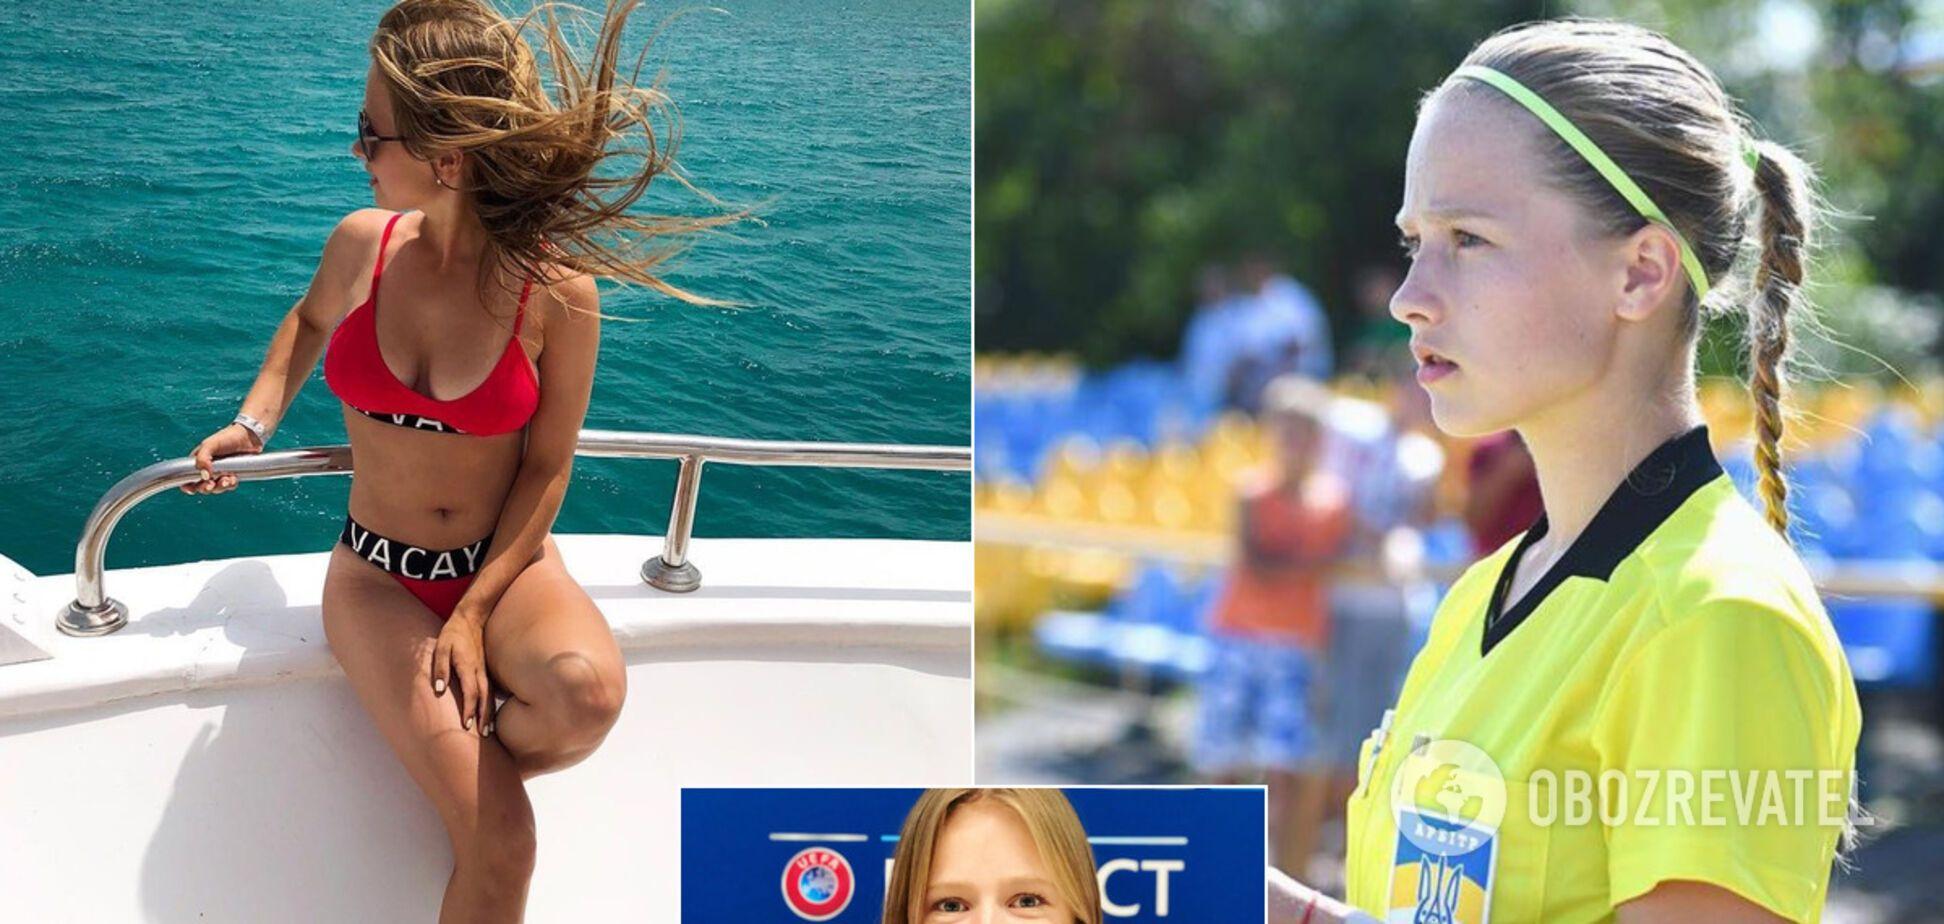 Украинская девушка-арбитр София Причина впечатлила сеть красотой